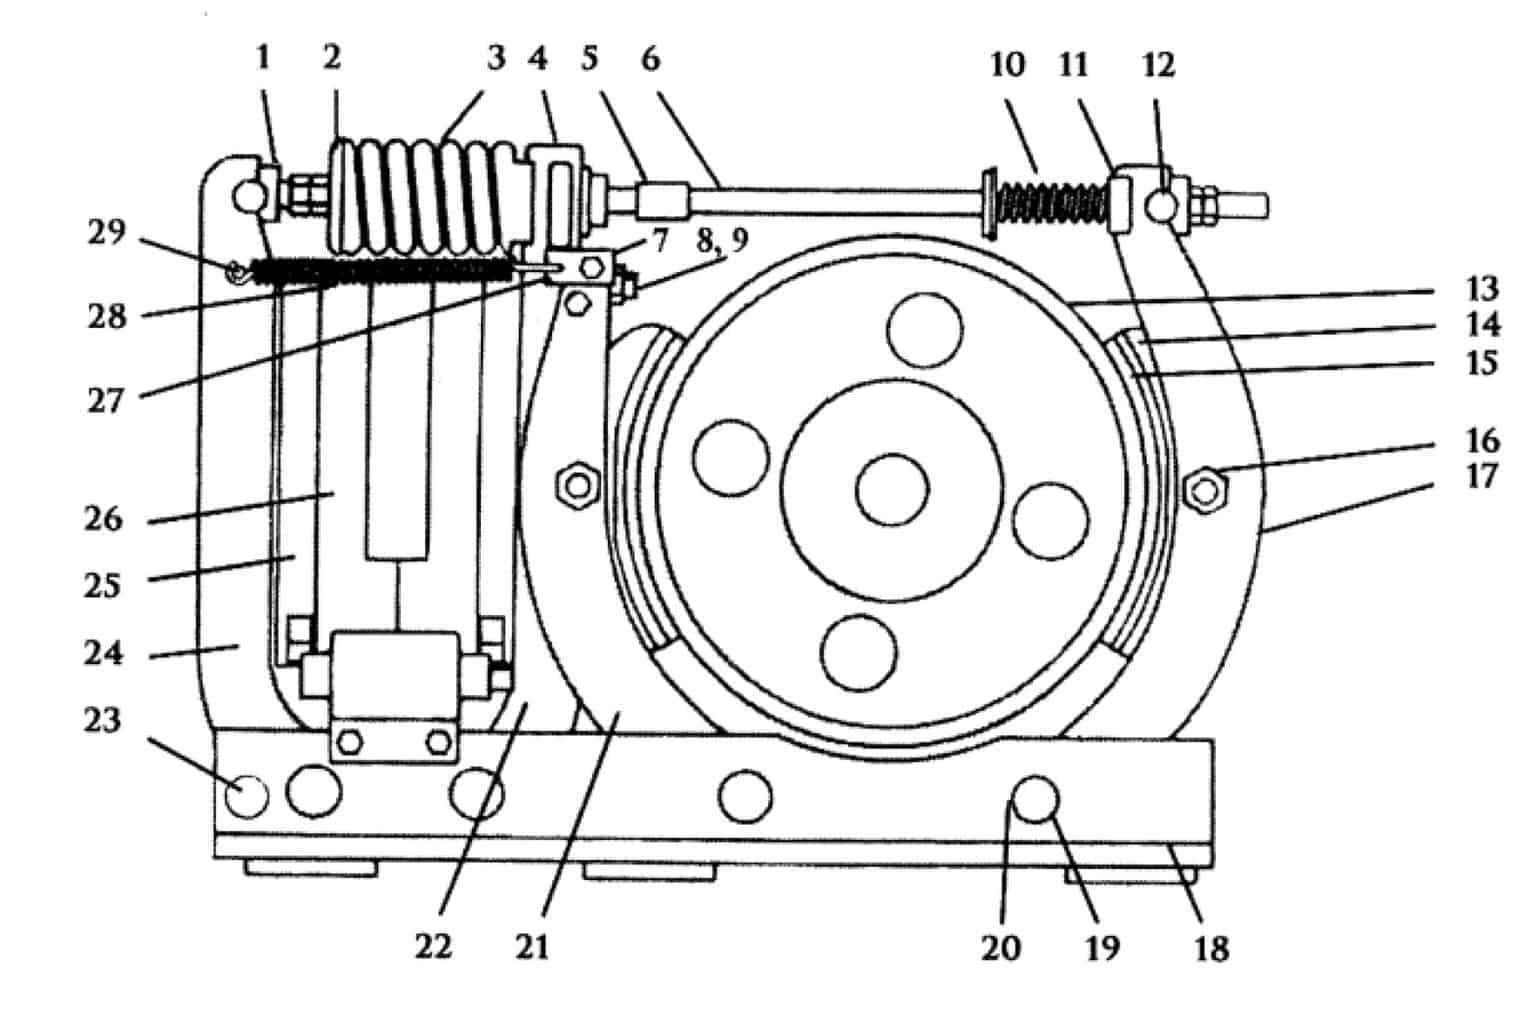 TYPE TM-1355 MAGNETIC SHOE BRAKE